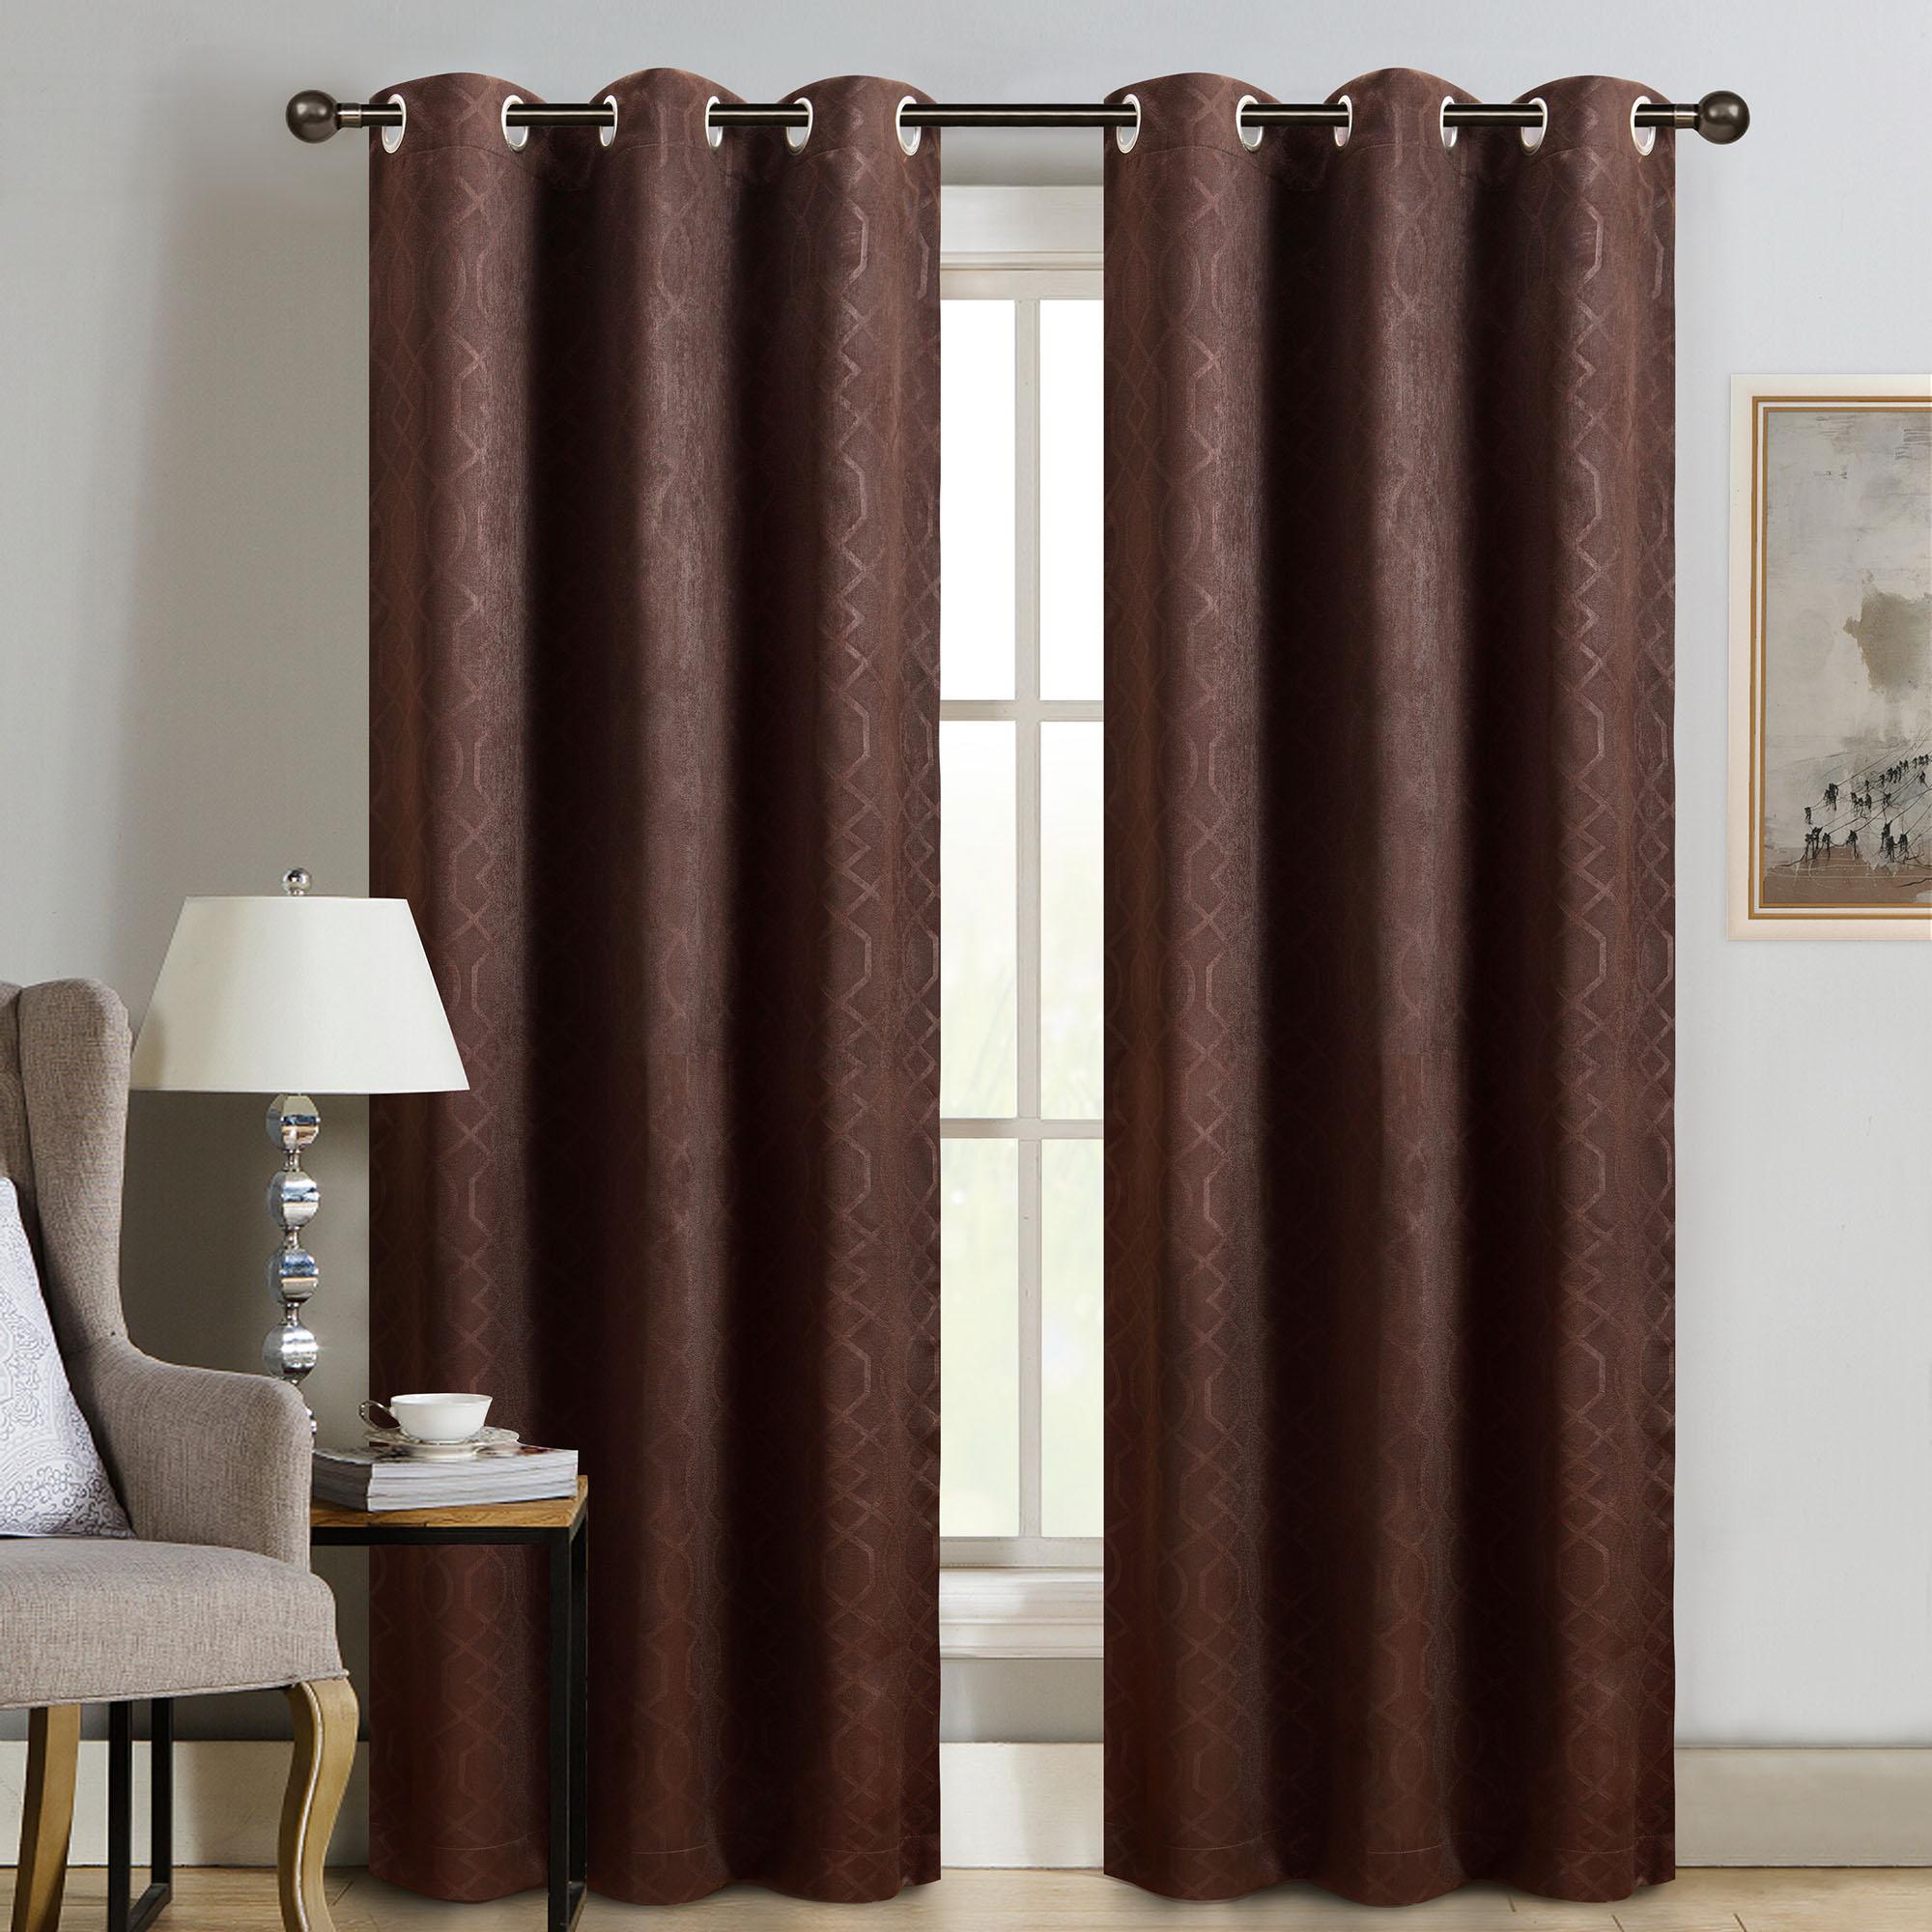 """Sun+blk Thermal Weave Embossed Blackout Grommet Single Curtain Panel 42""""x84"""" – Walmart In Embossed Thermal Weaved Blackout Grommet Drapery Curtains (View 4 of 20)"""